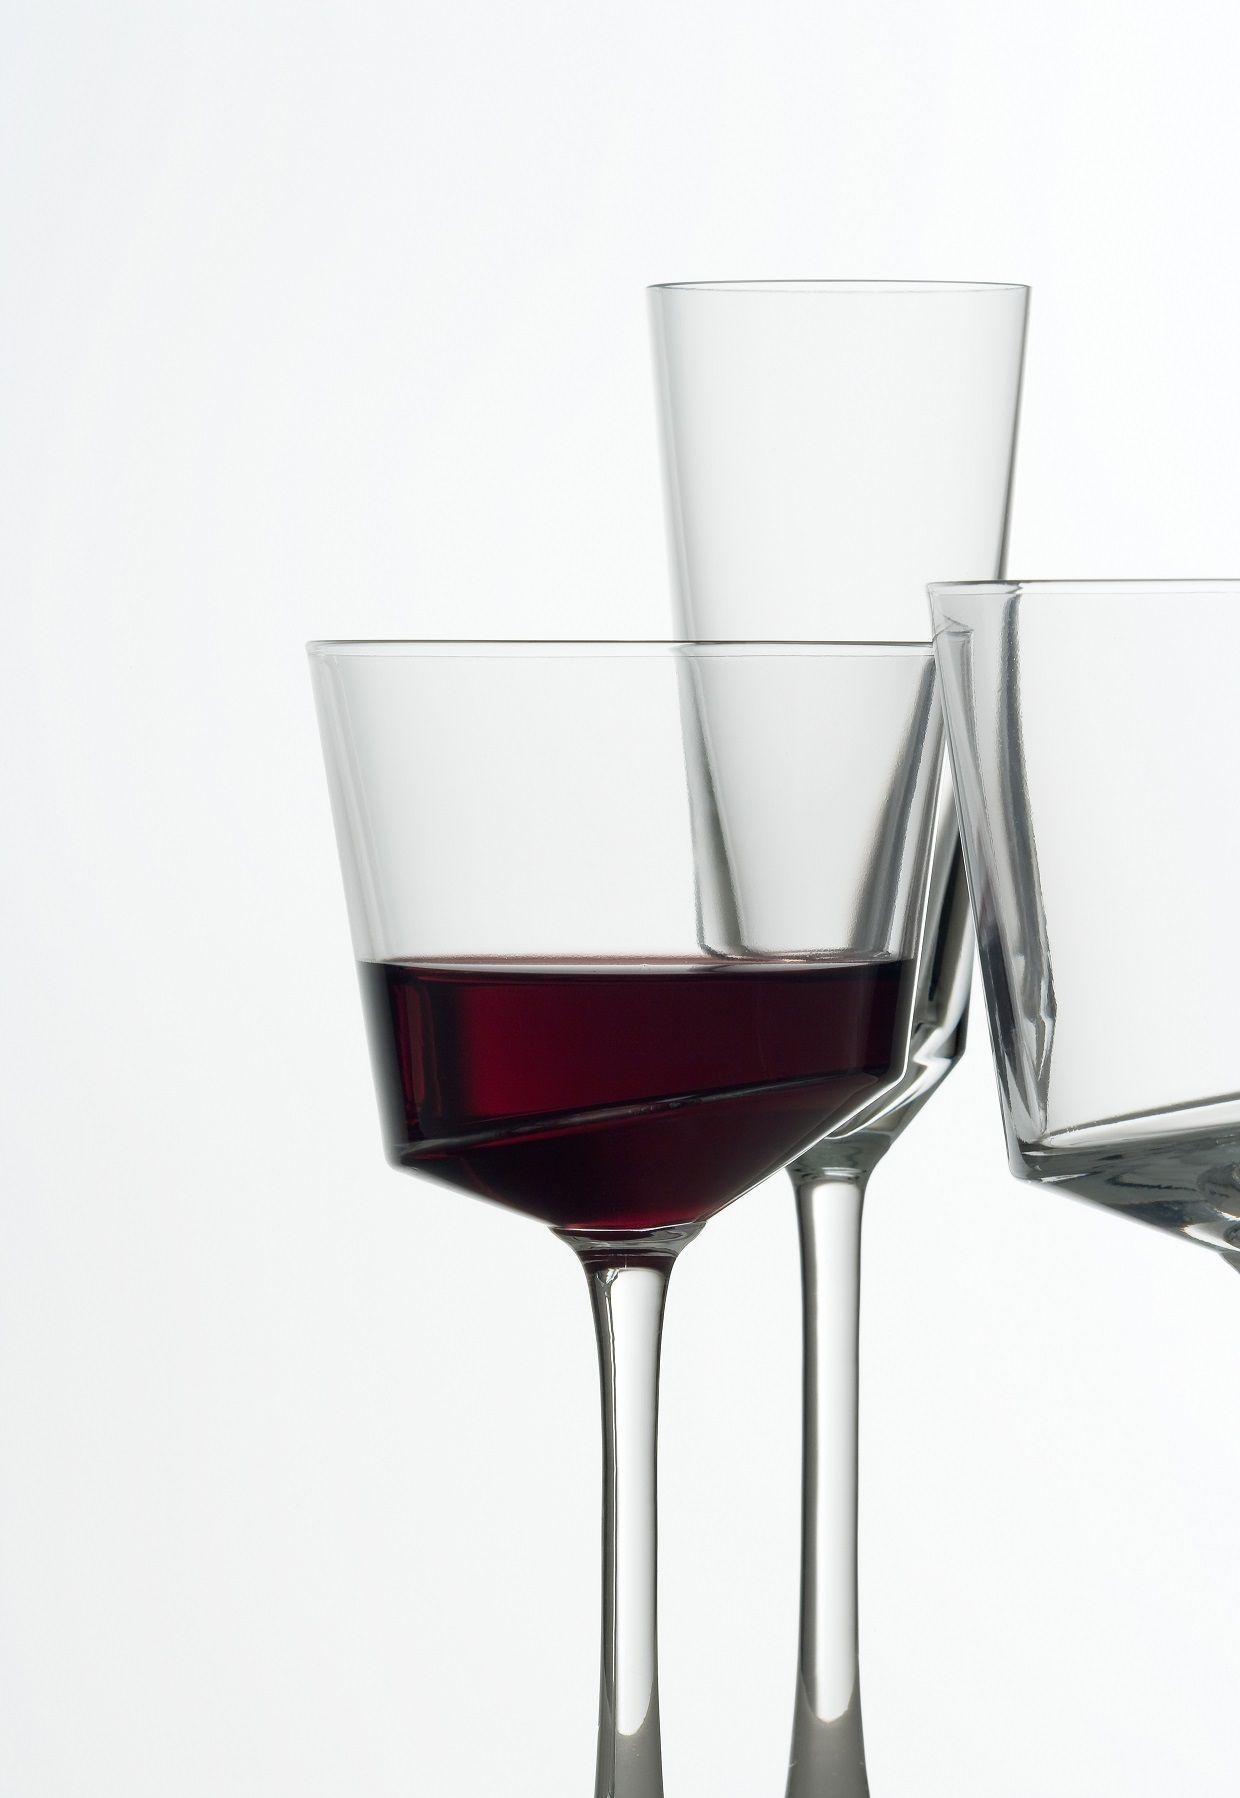 pingl par utile et futile sur l 39 amour du vin. Black Bedroom Furniture Sets. Home Design Ideas